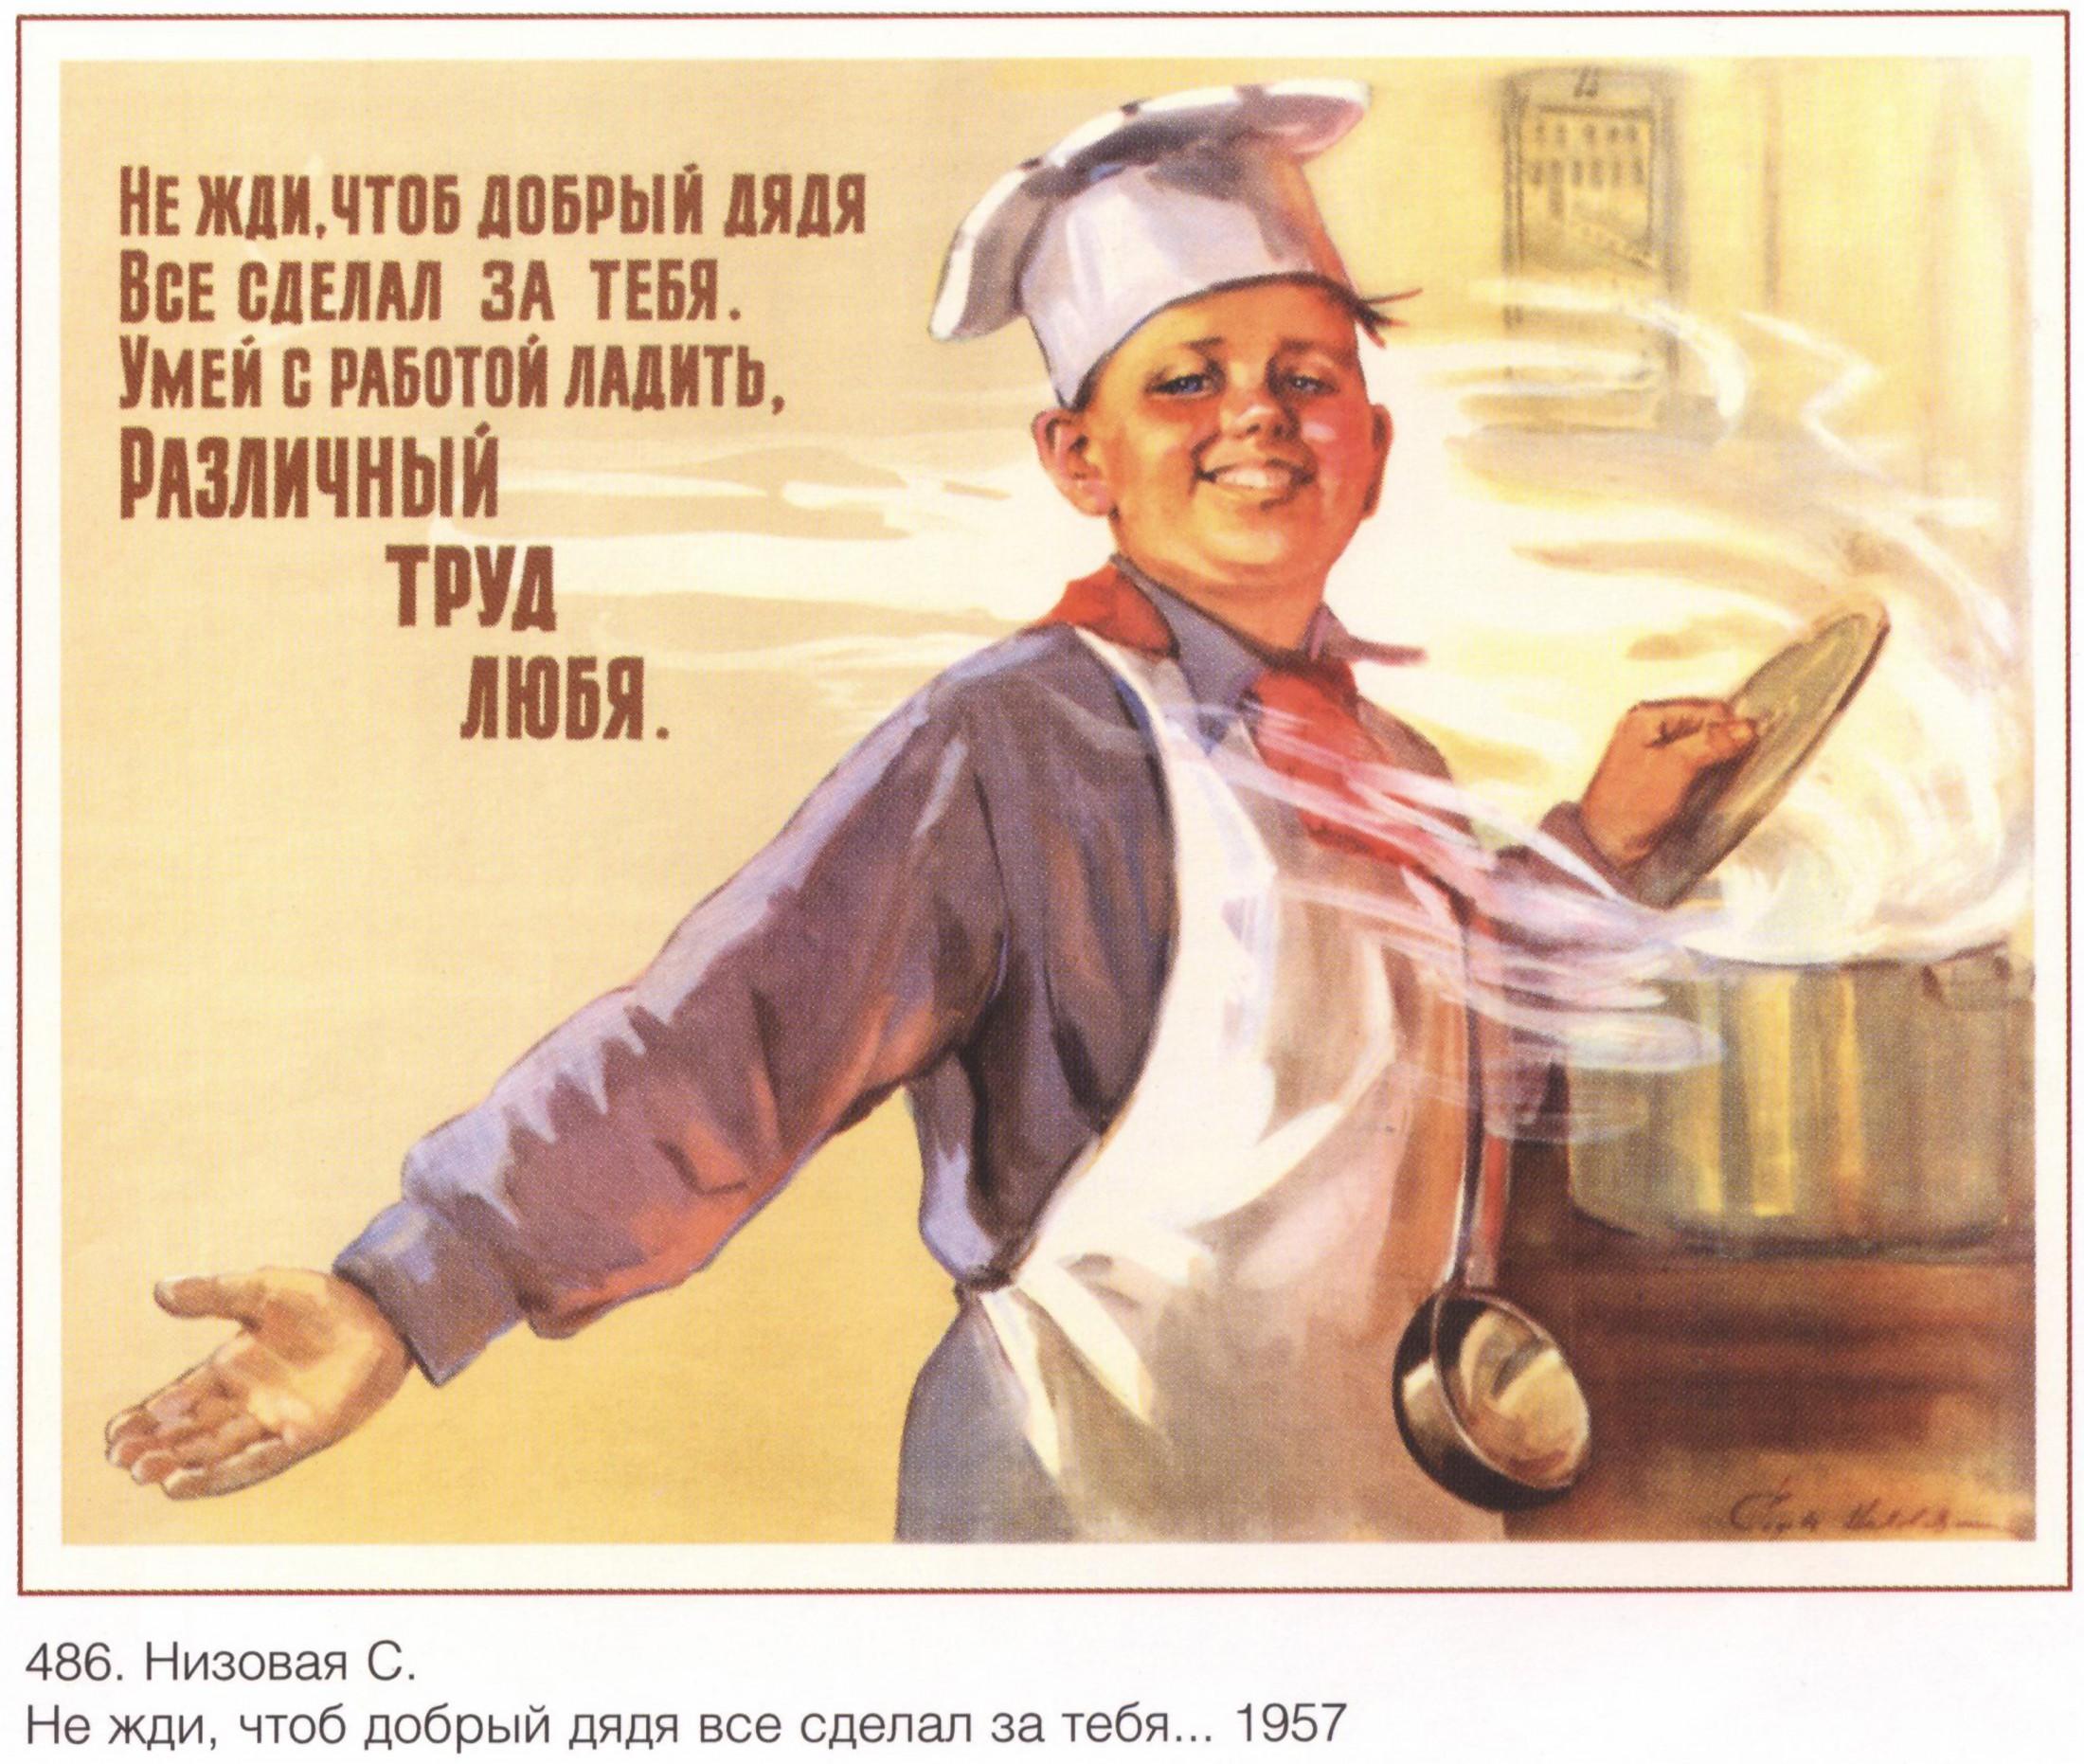 одесские лозунги картинки сожалению трудно прочитать